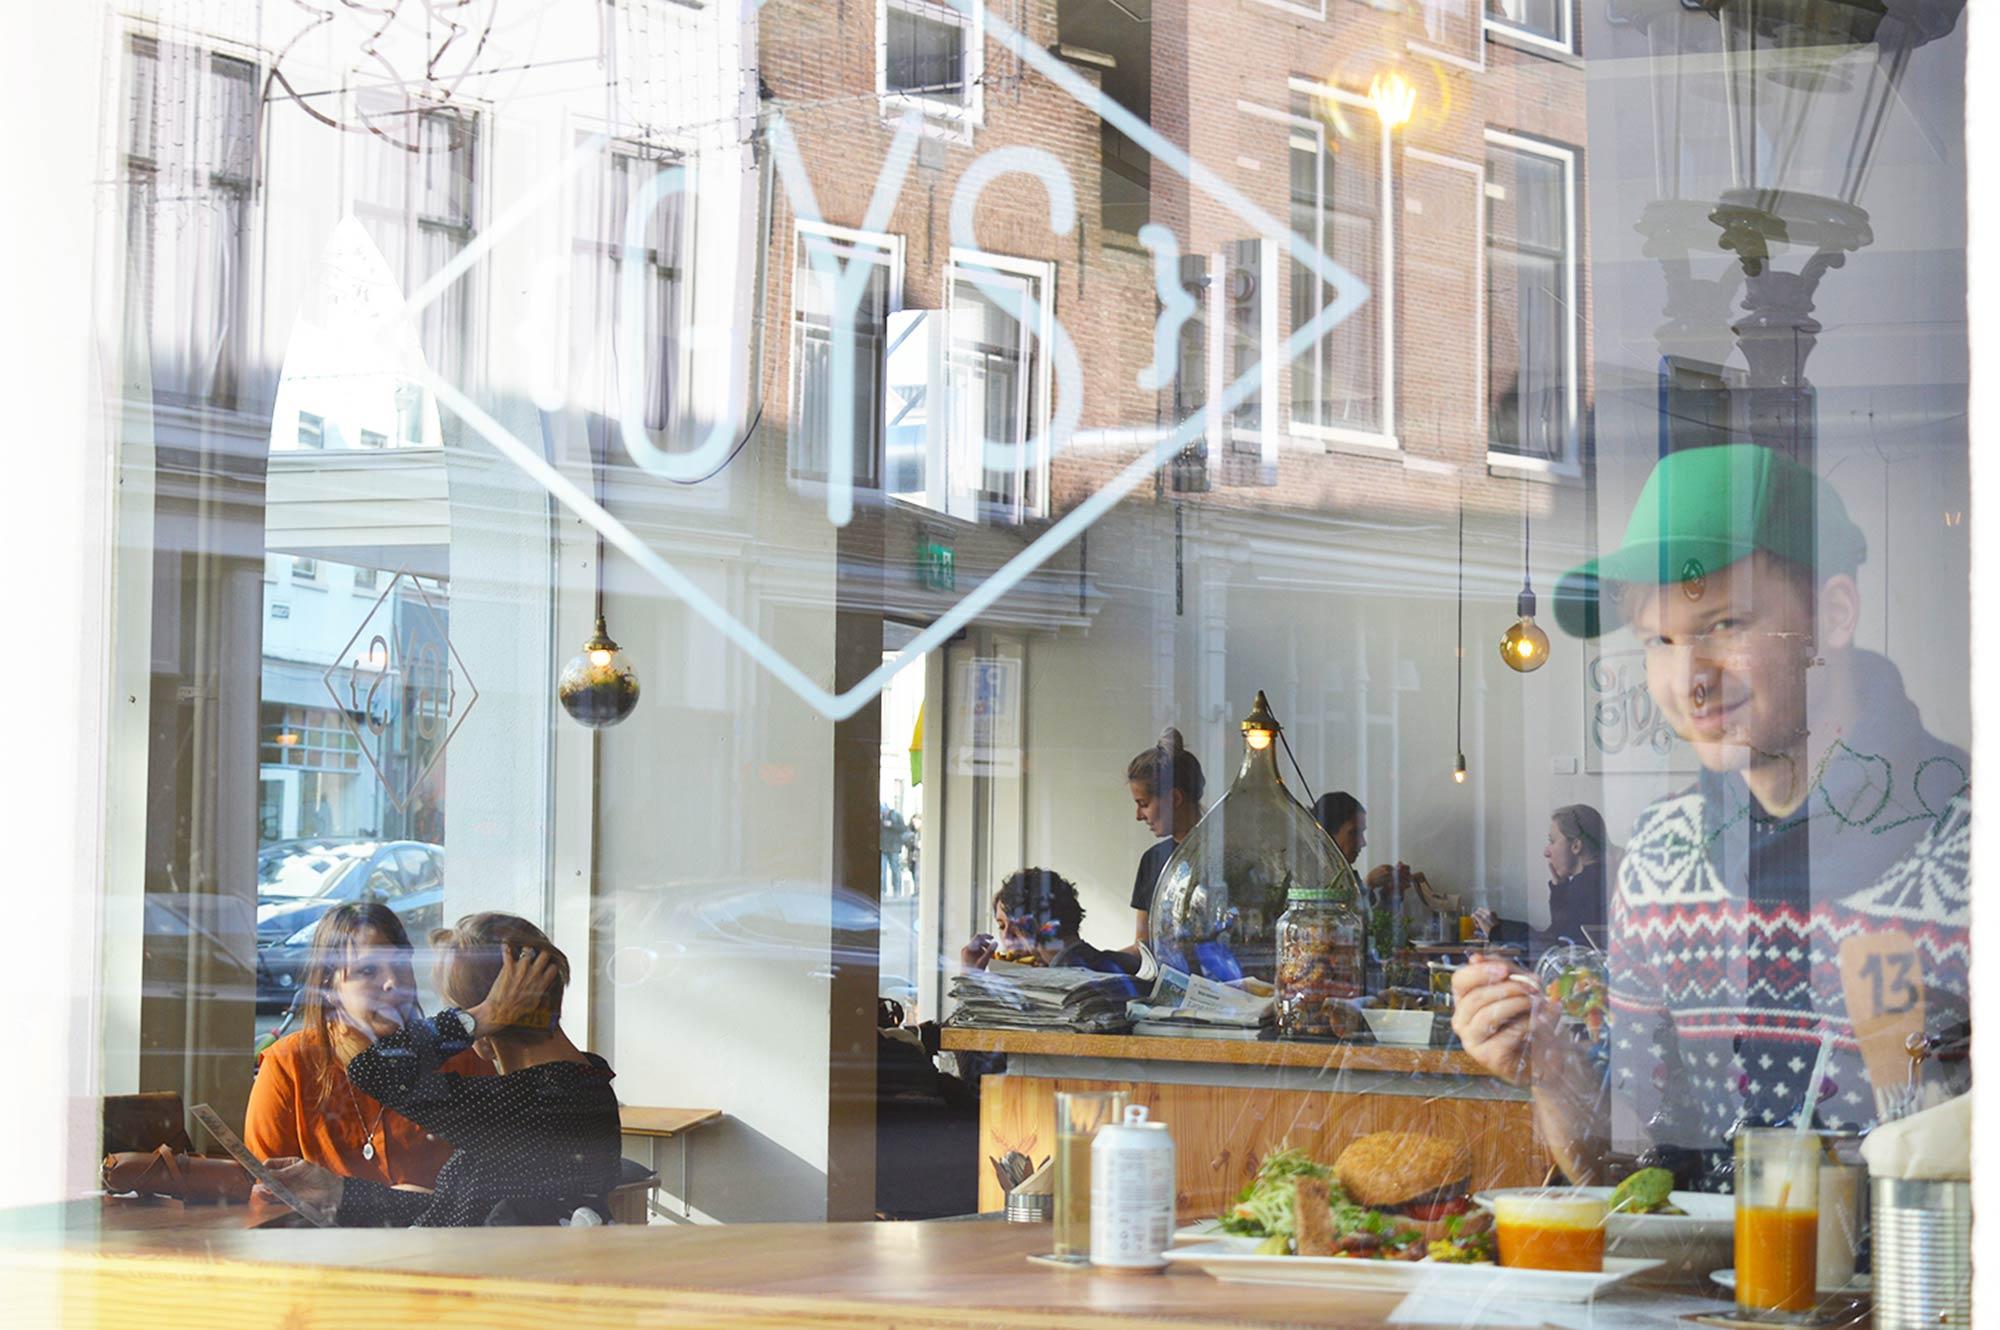 Restaurant GYS Voorstraat Utrecht © CoupleofMen.com